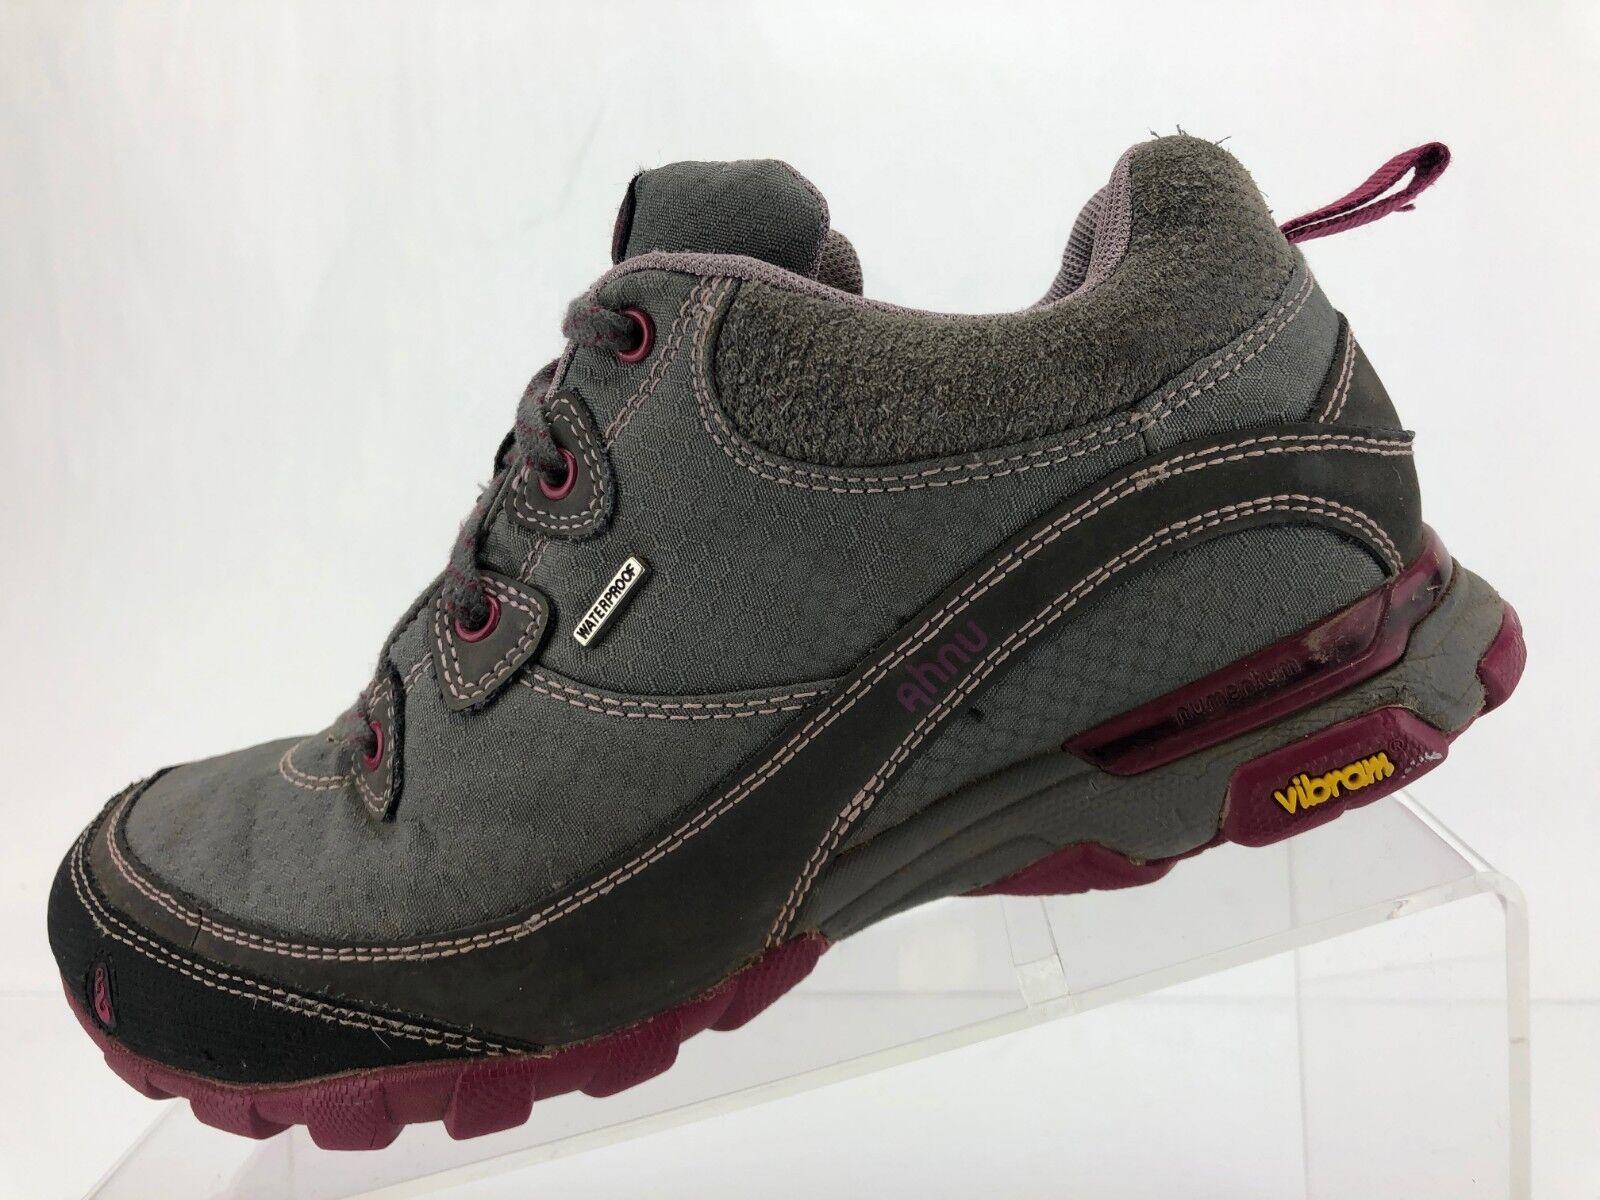 Ahnu Sugarpine Senderismo Zapatos  Zapatillas gris Impermeable Trail Senderismo Para Mujer Talla 7  alta calidad y envío rápido